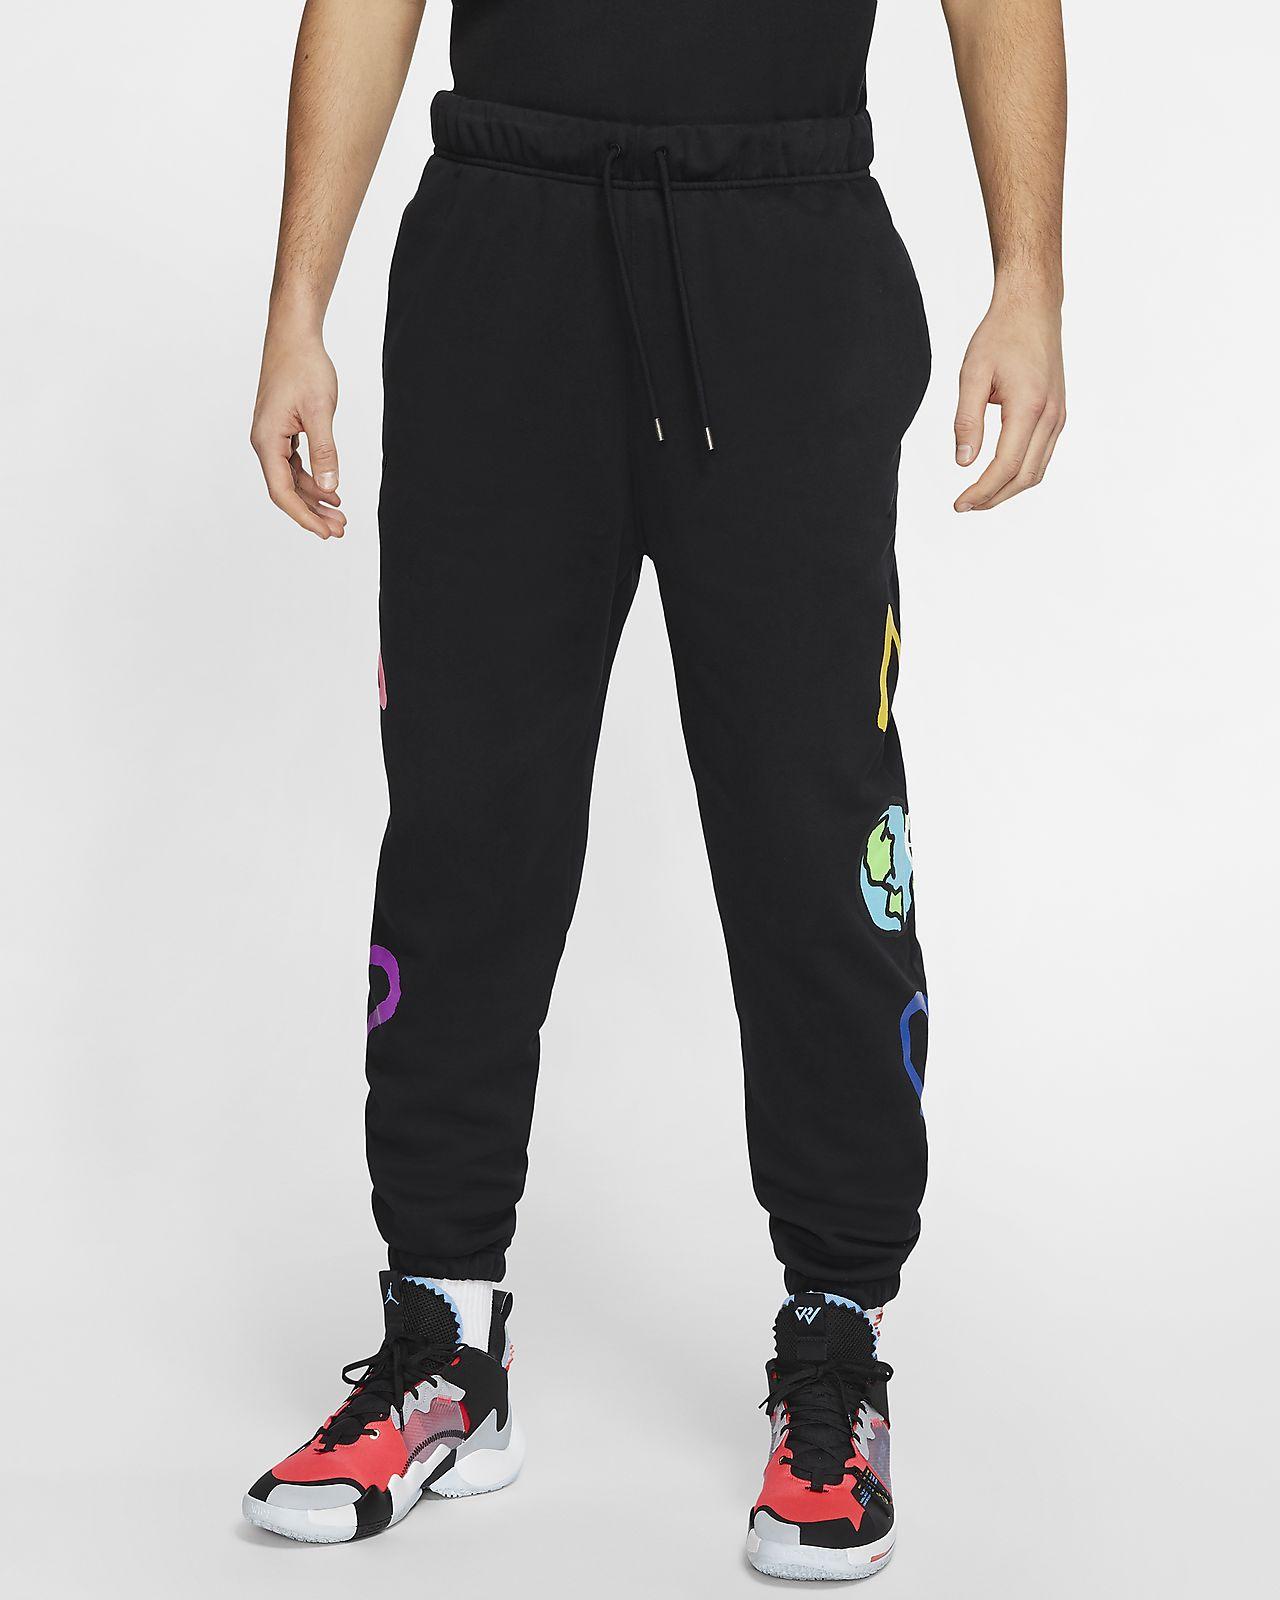 Tenis Nike Air Jordan 5 PSG 75 Importado